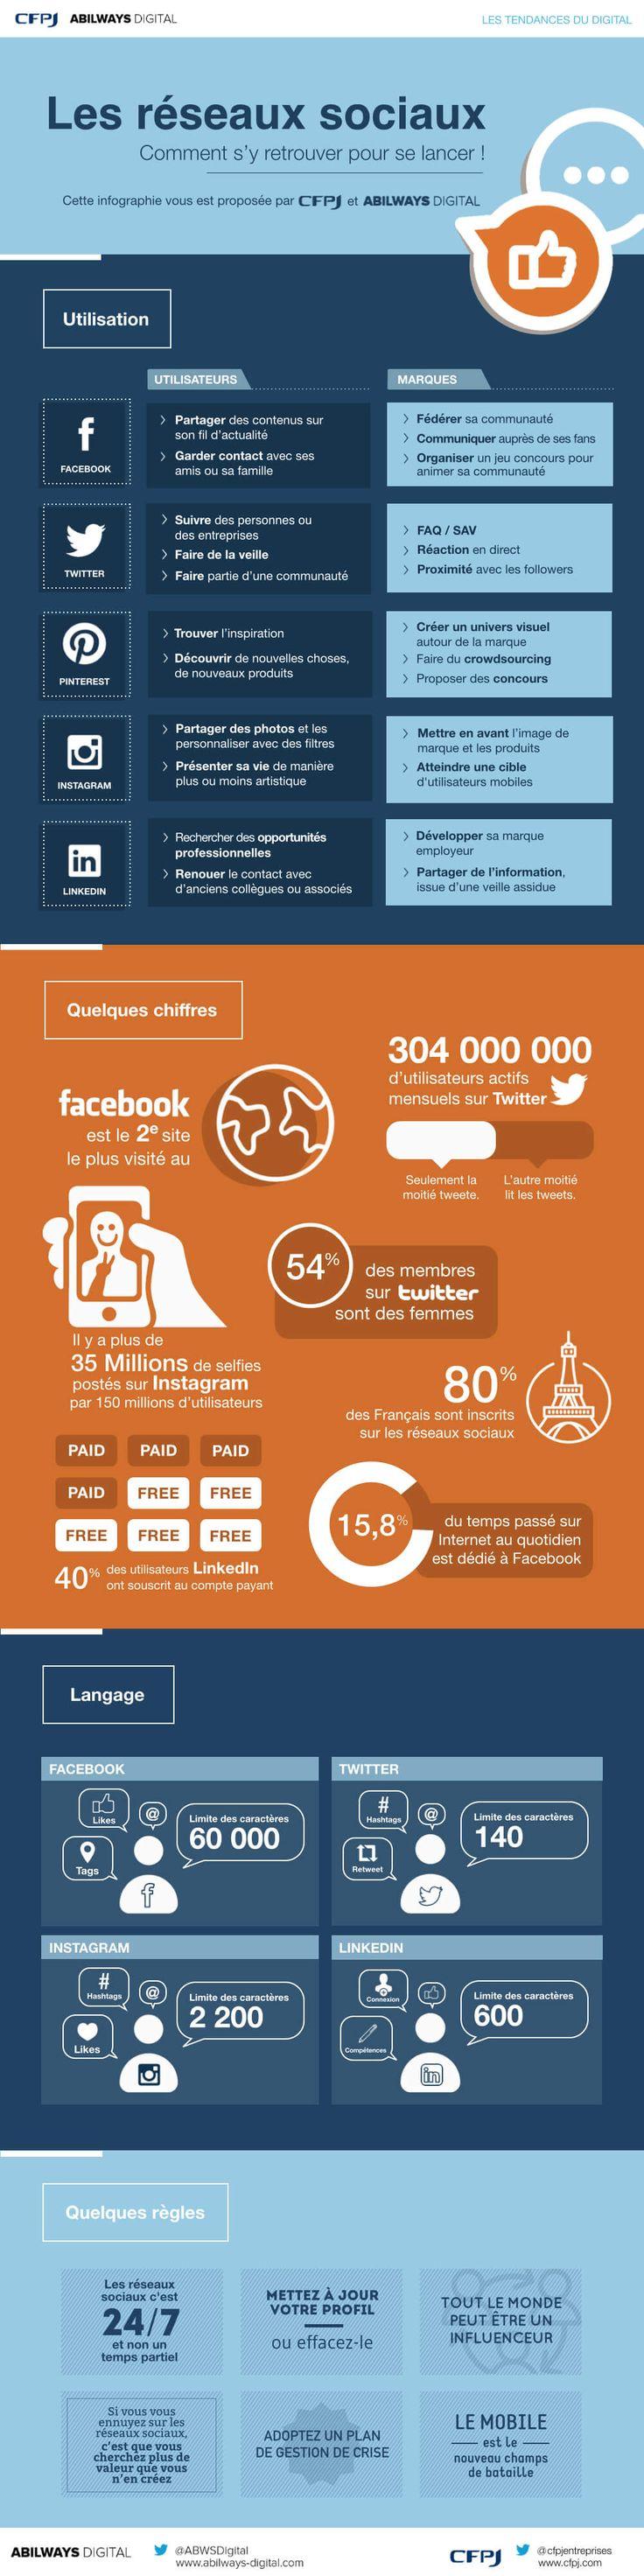 #Infographie Réseaux sociaux : comment s'y retrouver pour se lancer ? #ReseauxSociaux #SocialMedia